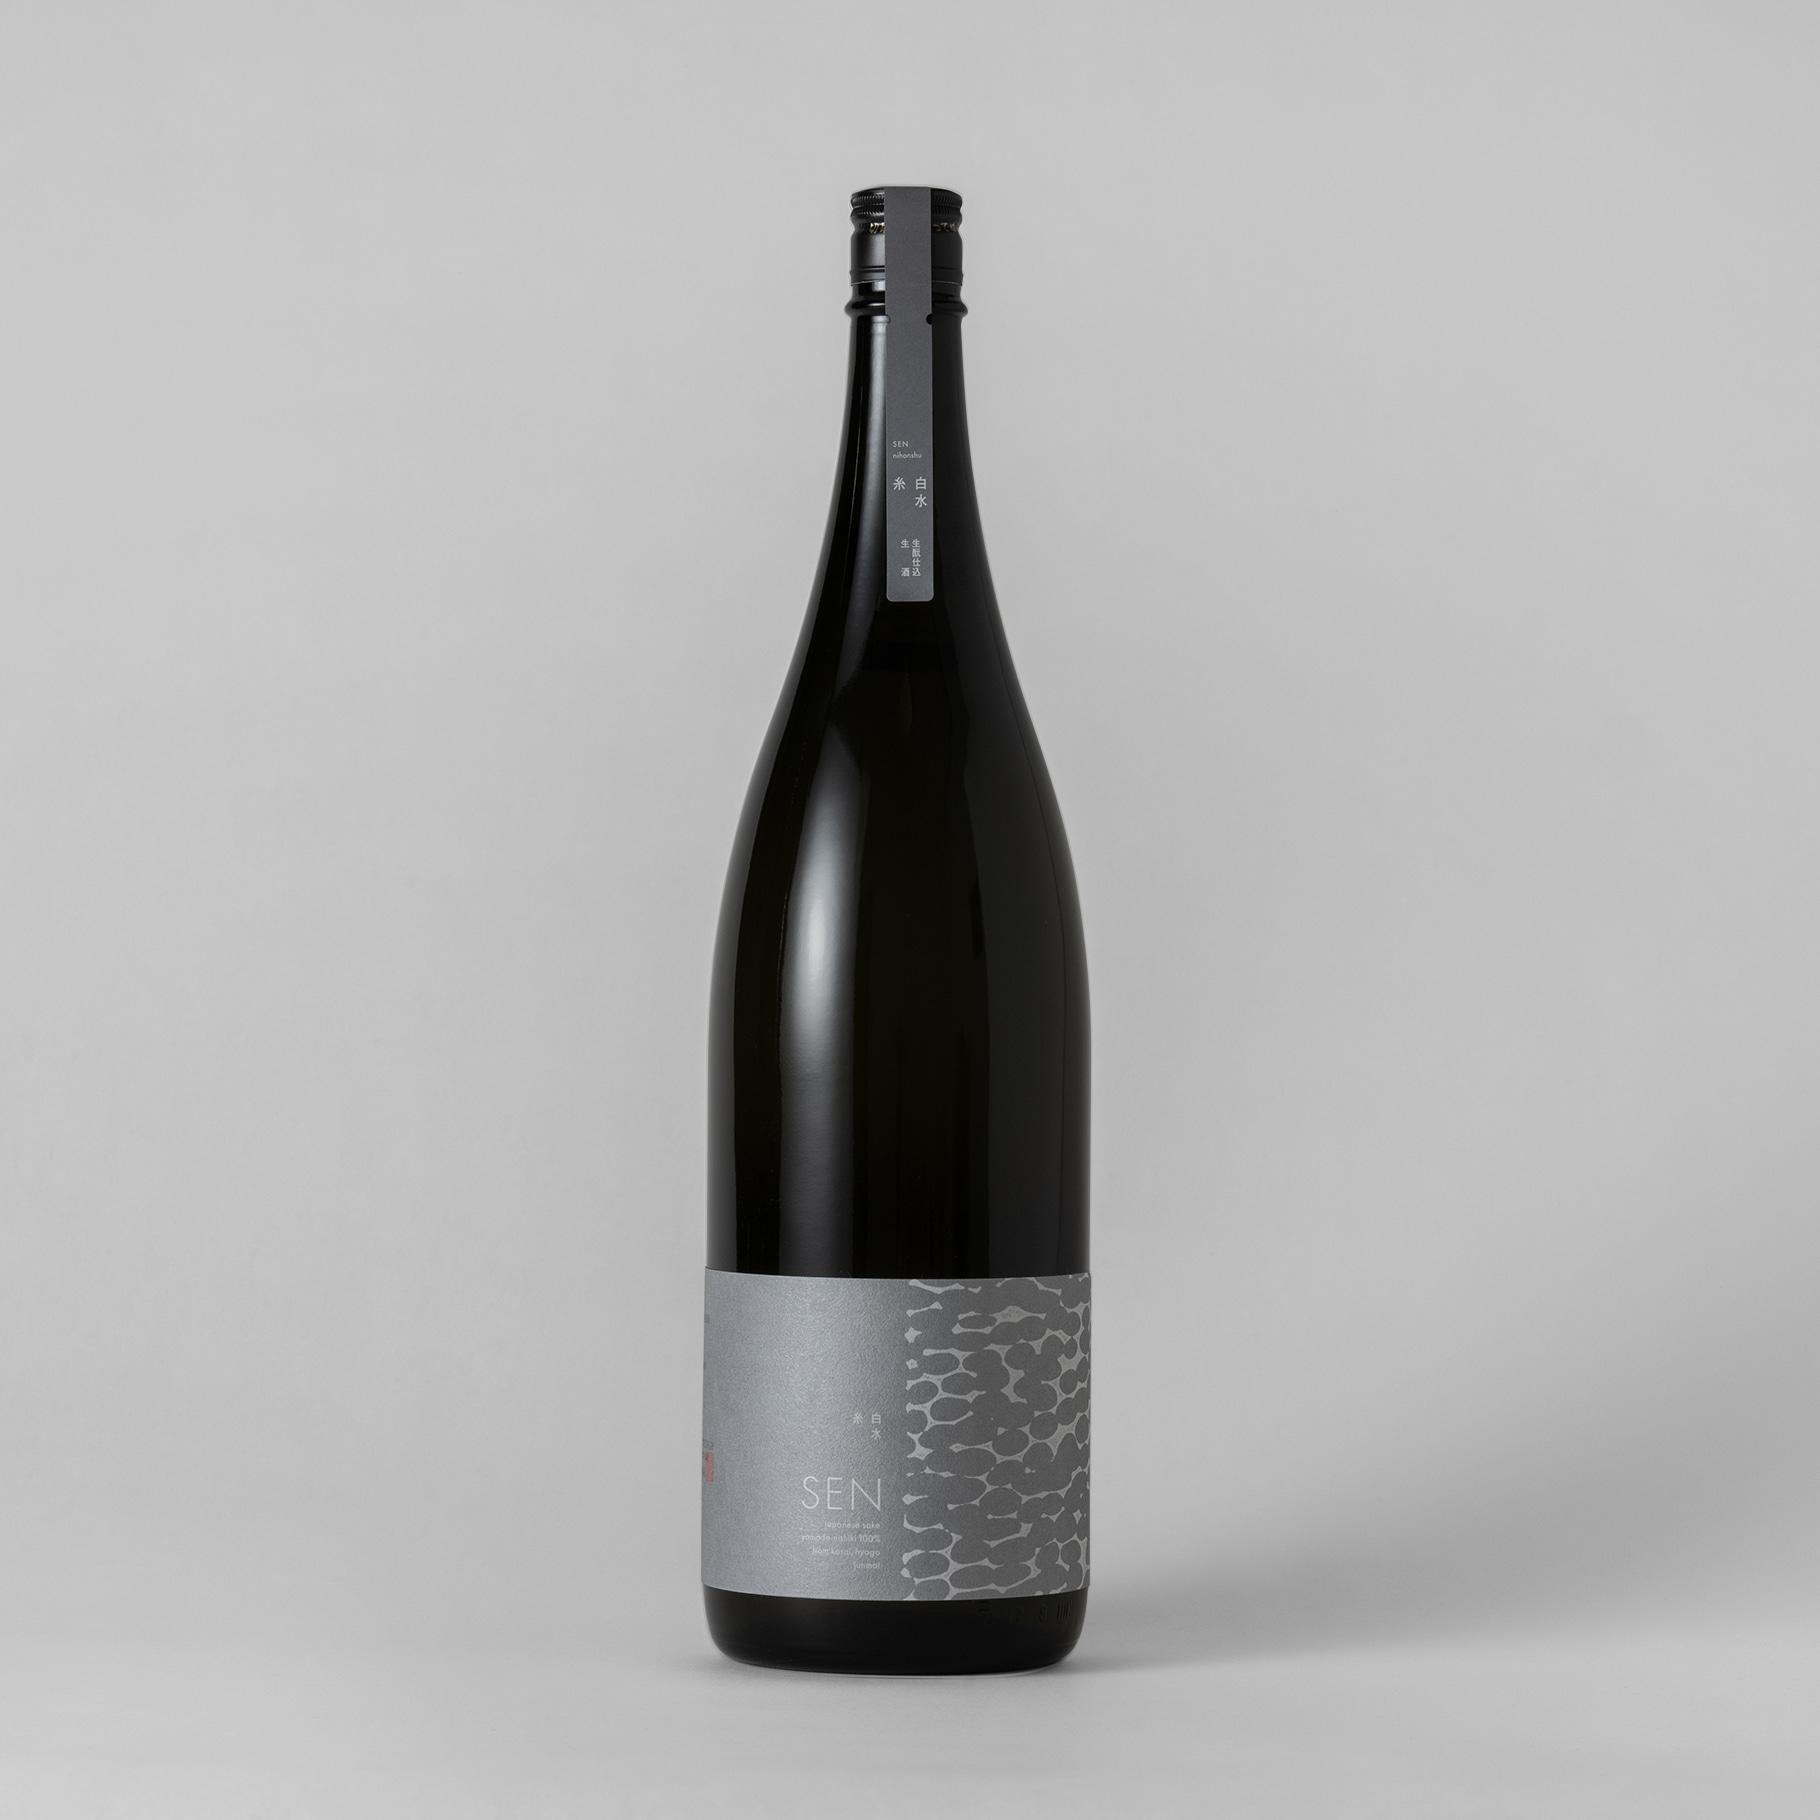 純米 SEN 生酒 1800ml